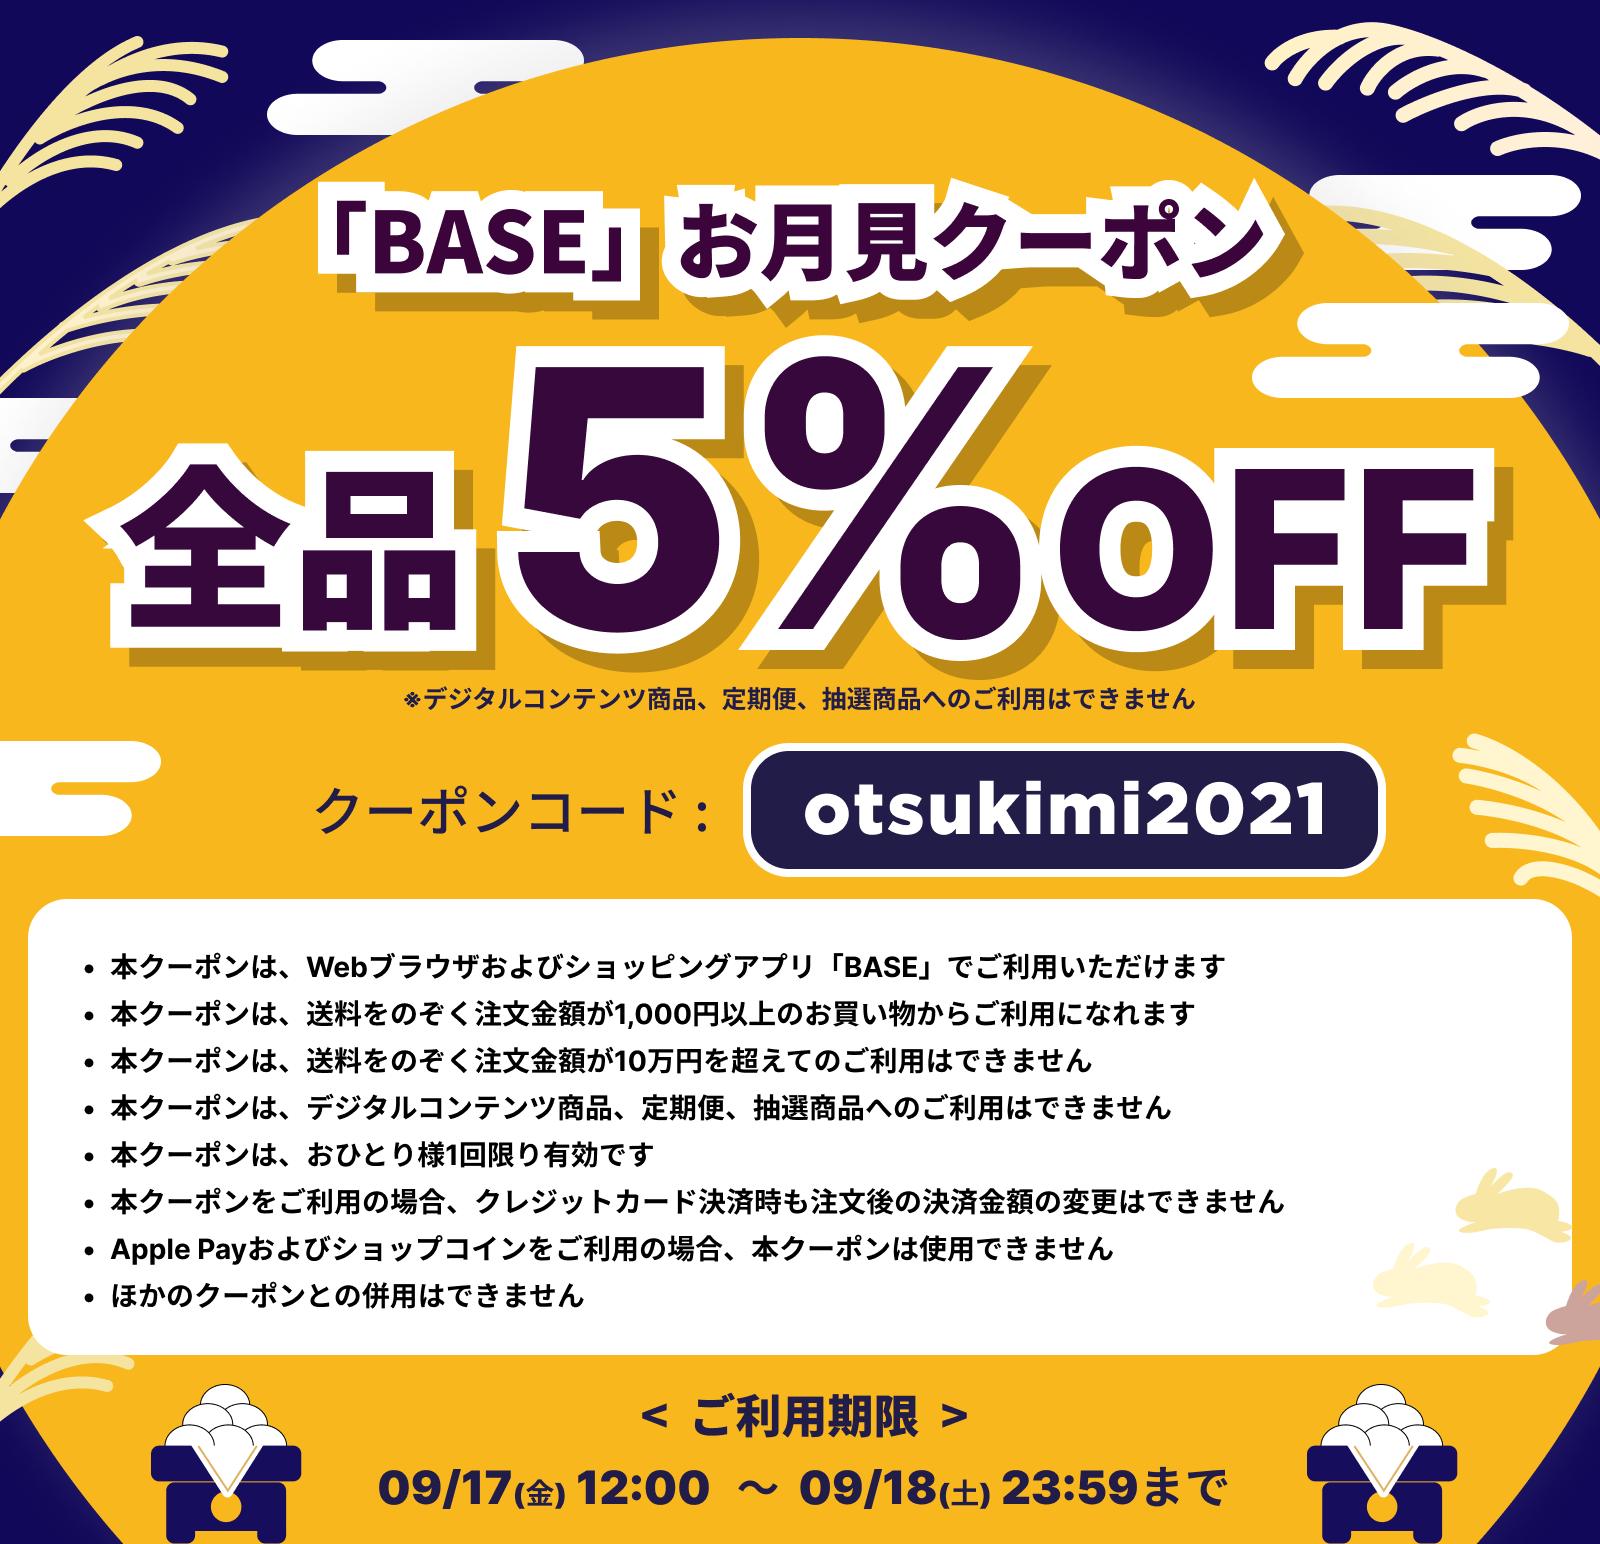 【9/17~9/18 期間限定】「BASE」お月見クーポンキャンペーン!